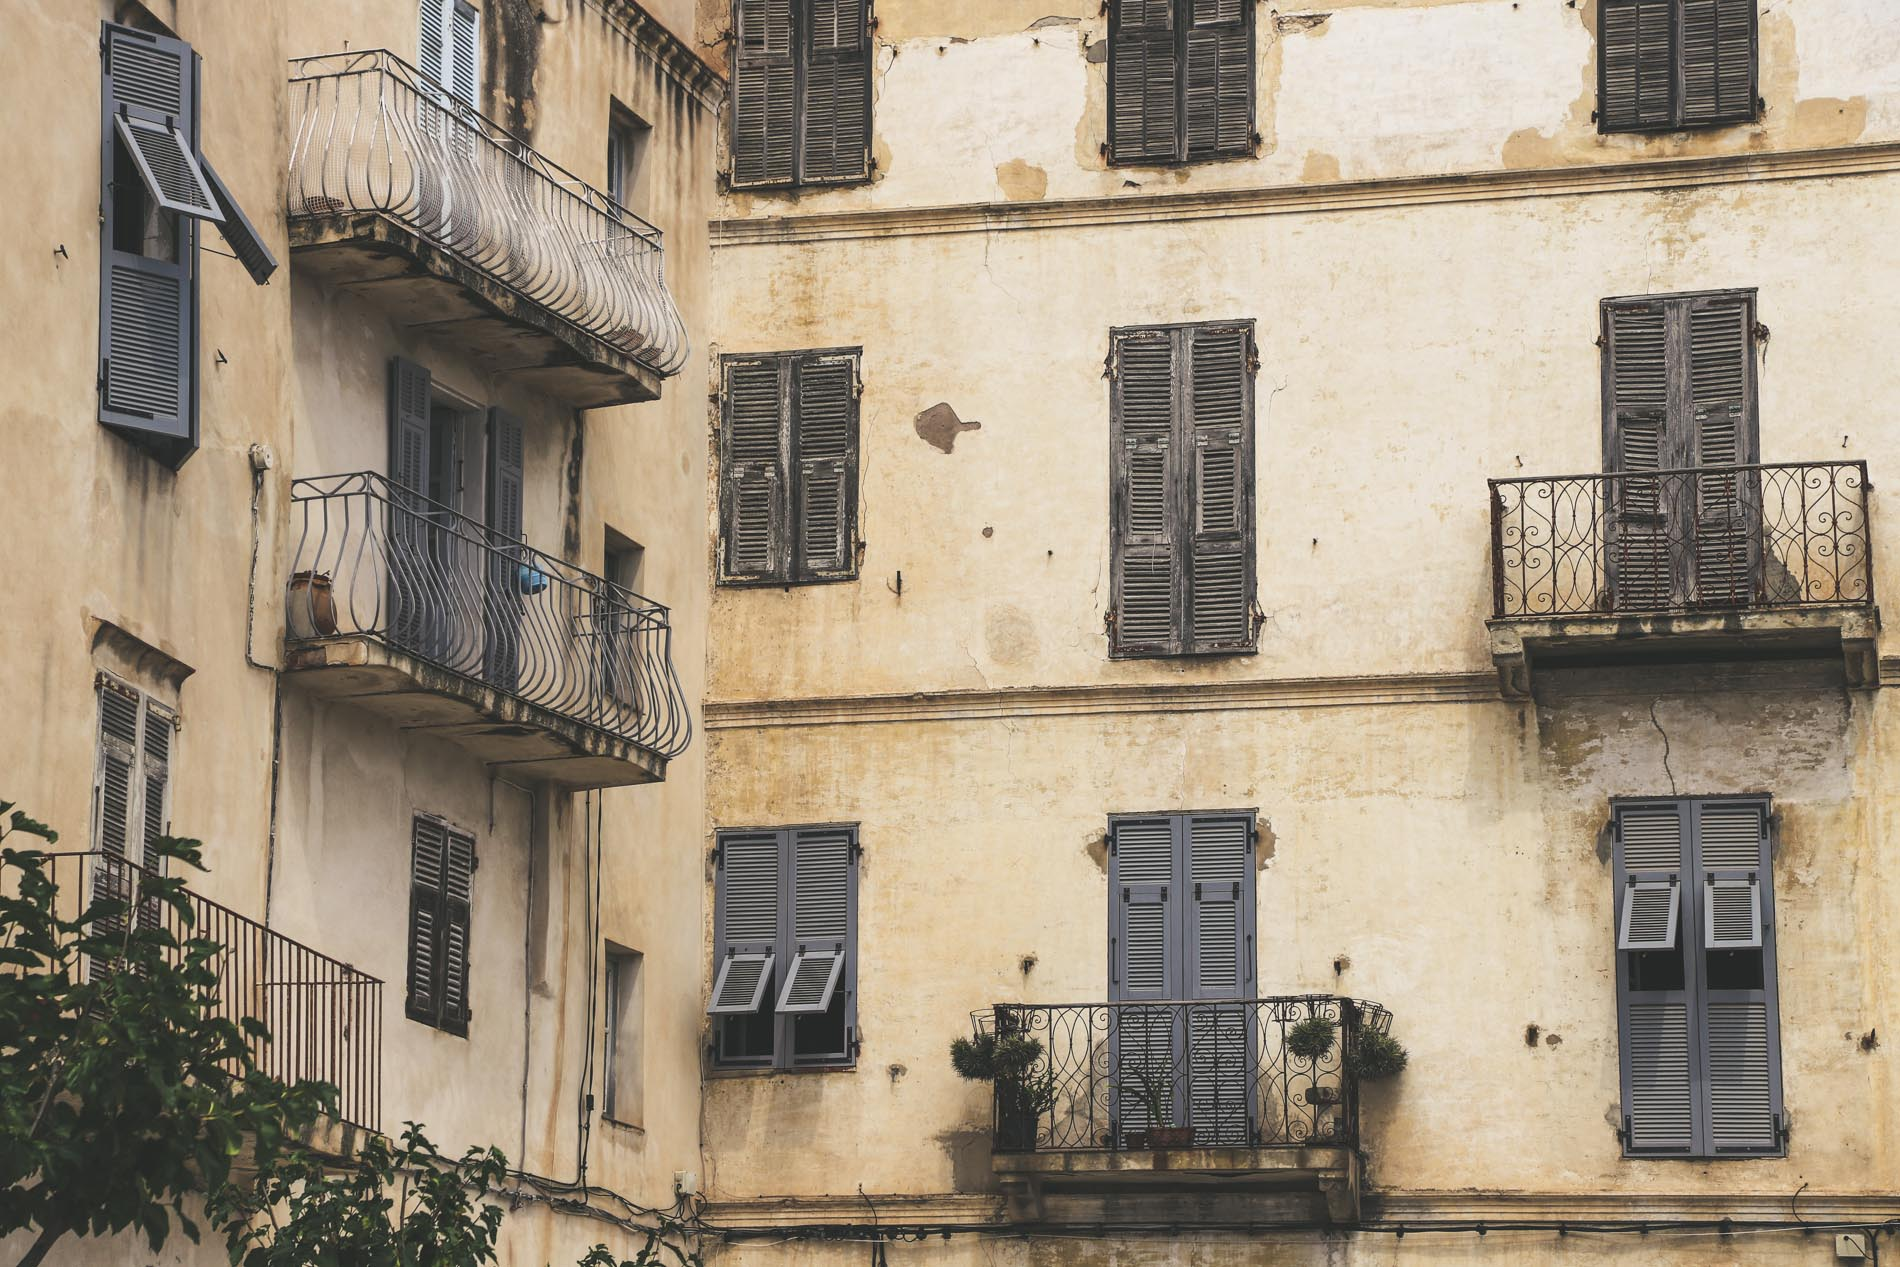 Vieille-ville-Bonifacio